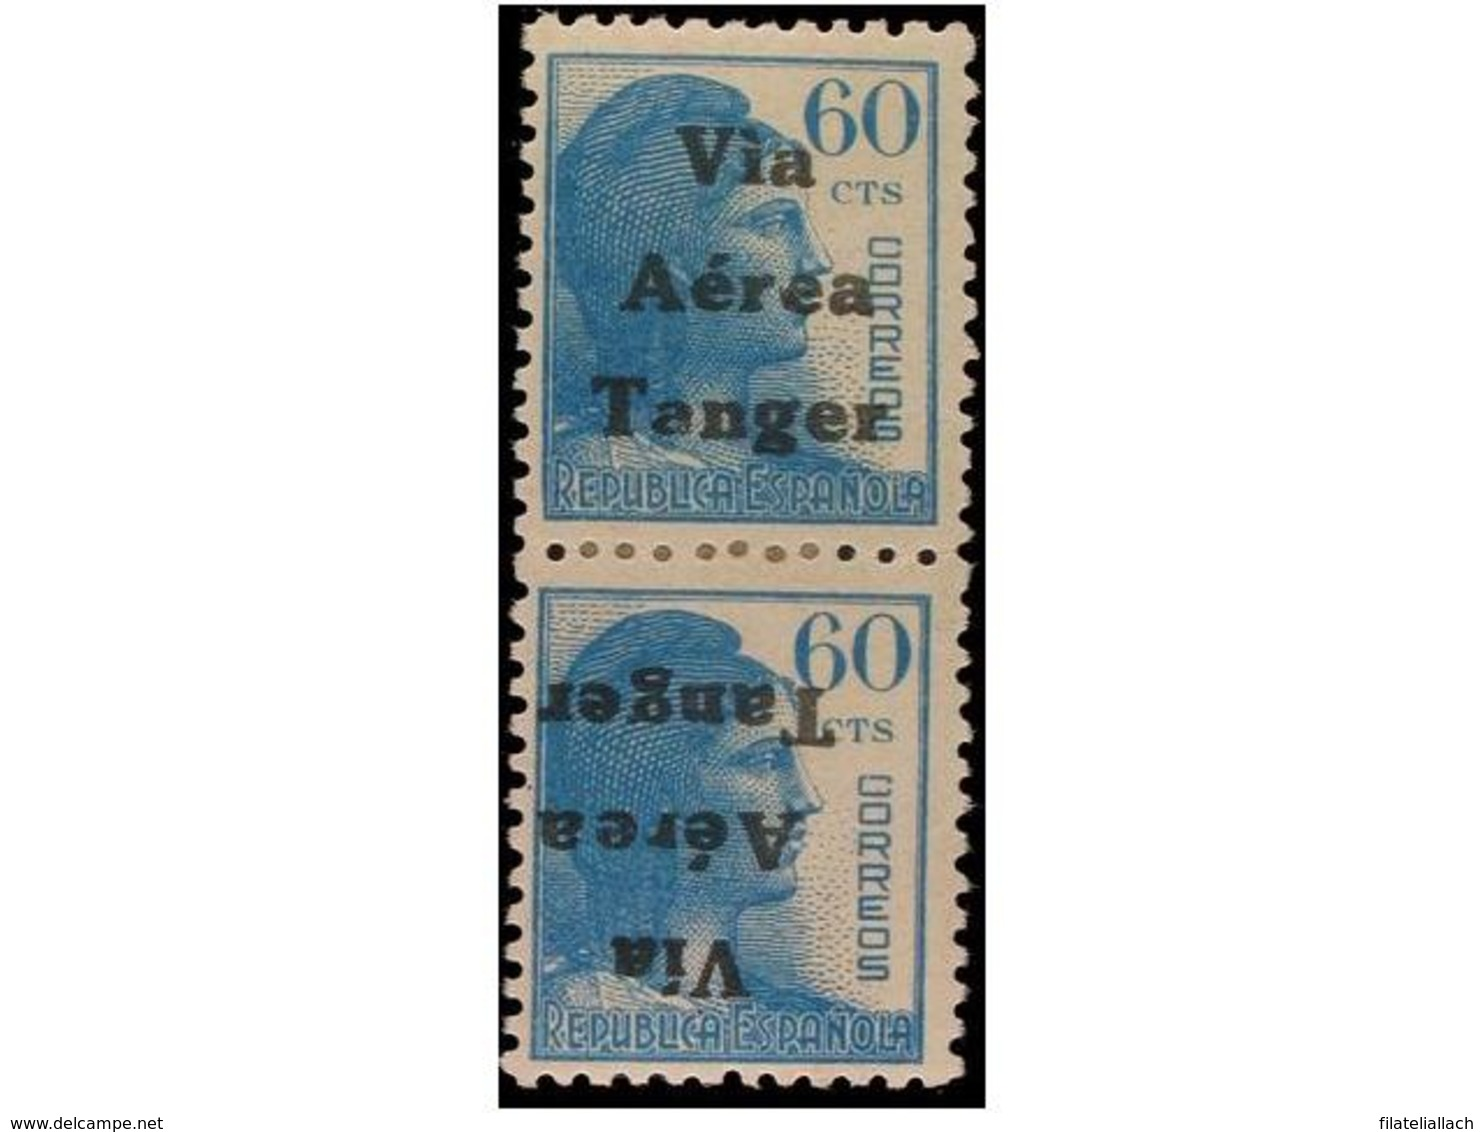 TANGER: SPANISH DOMINION - Marocco Spagnolo